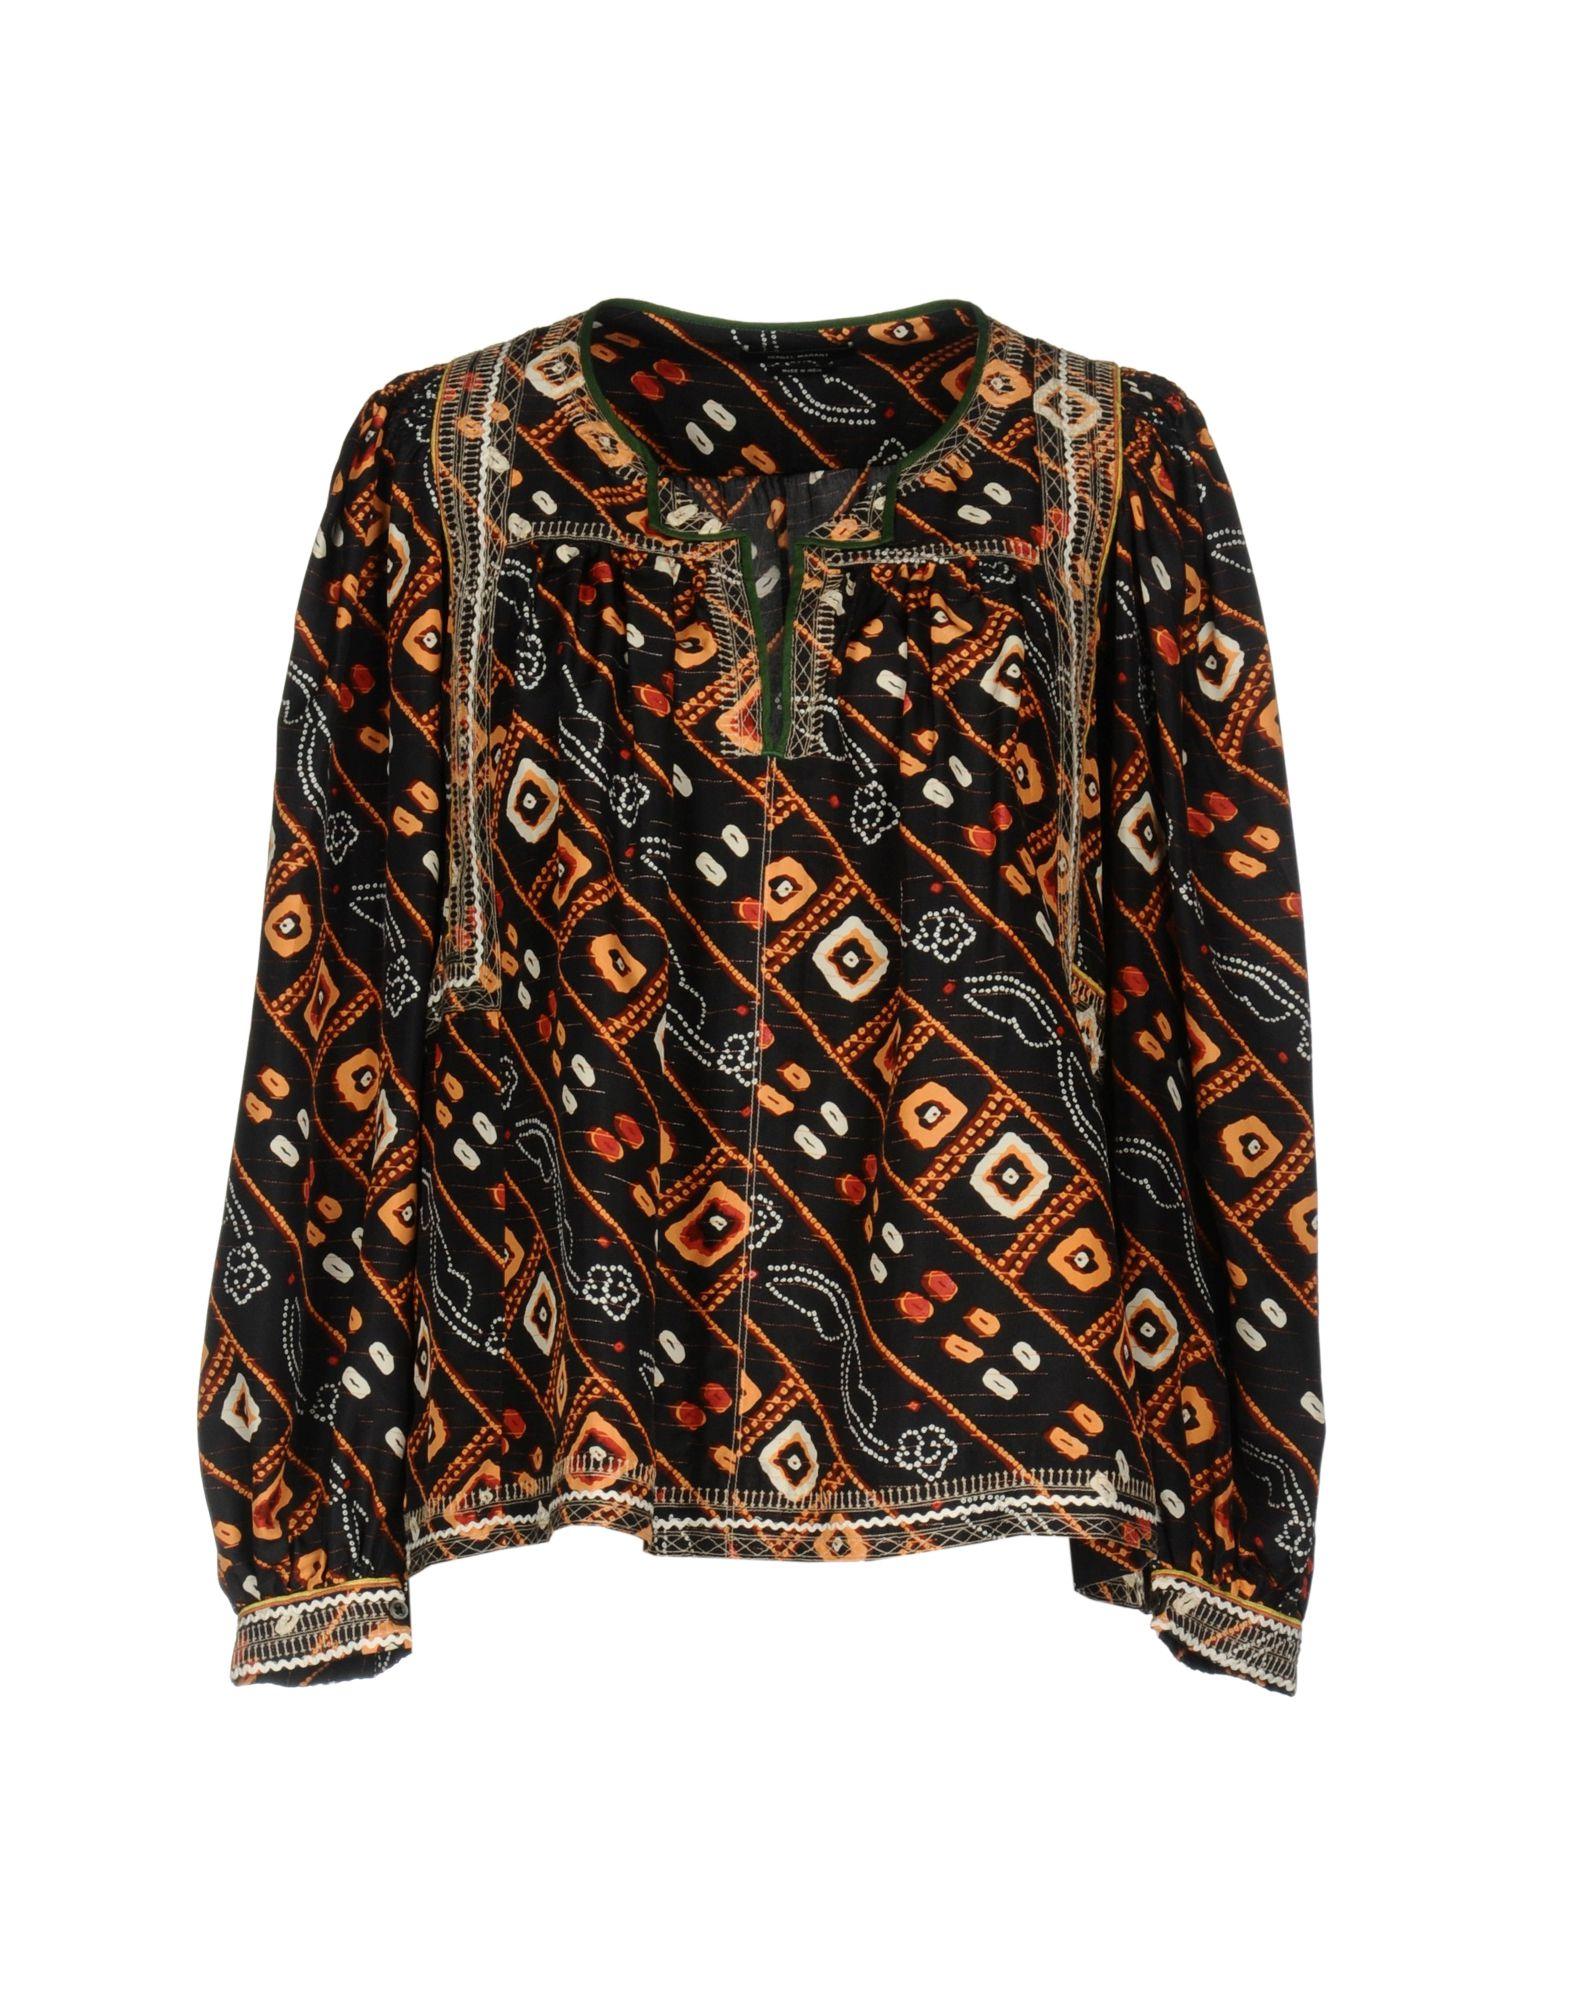 ISABEL MARANT Damen Bluse Farbe Schwarz Größe 2